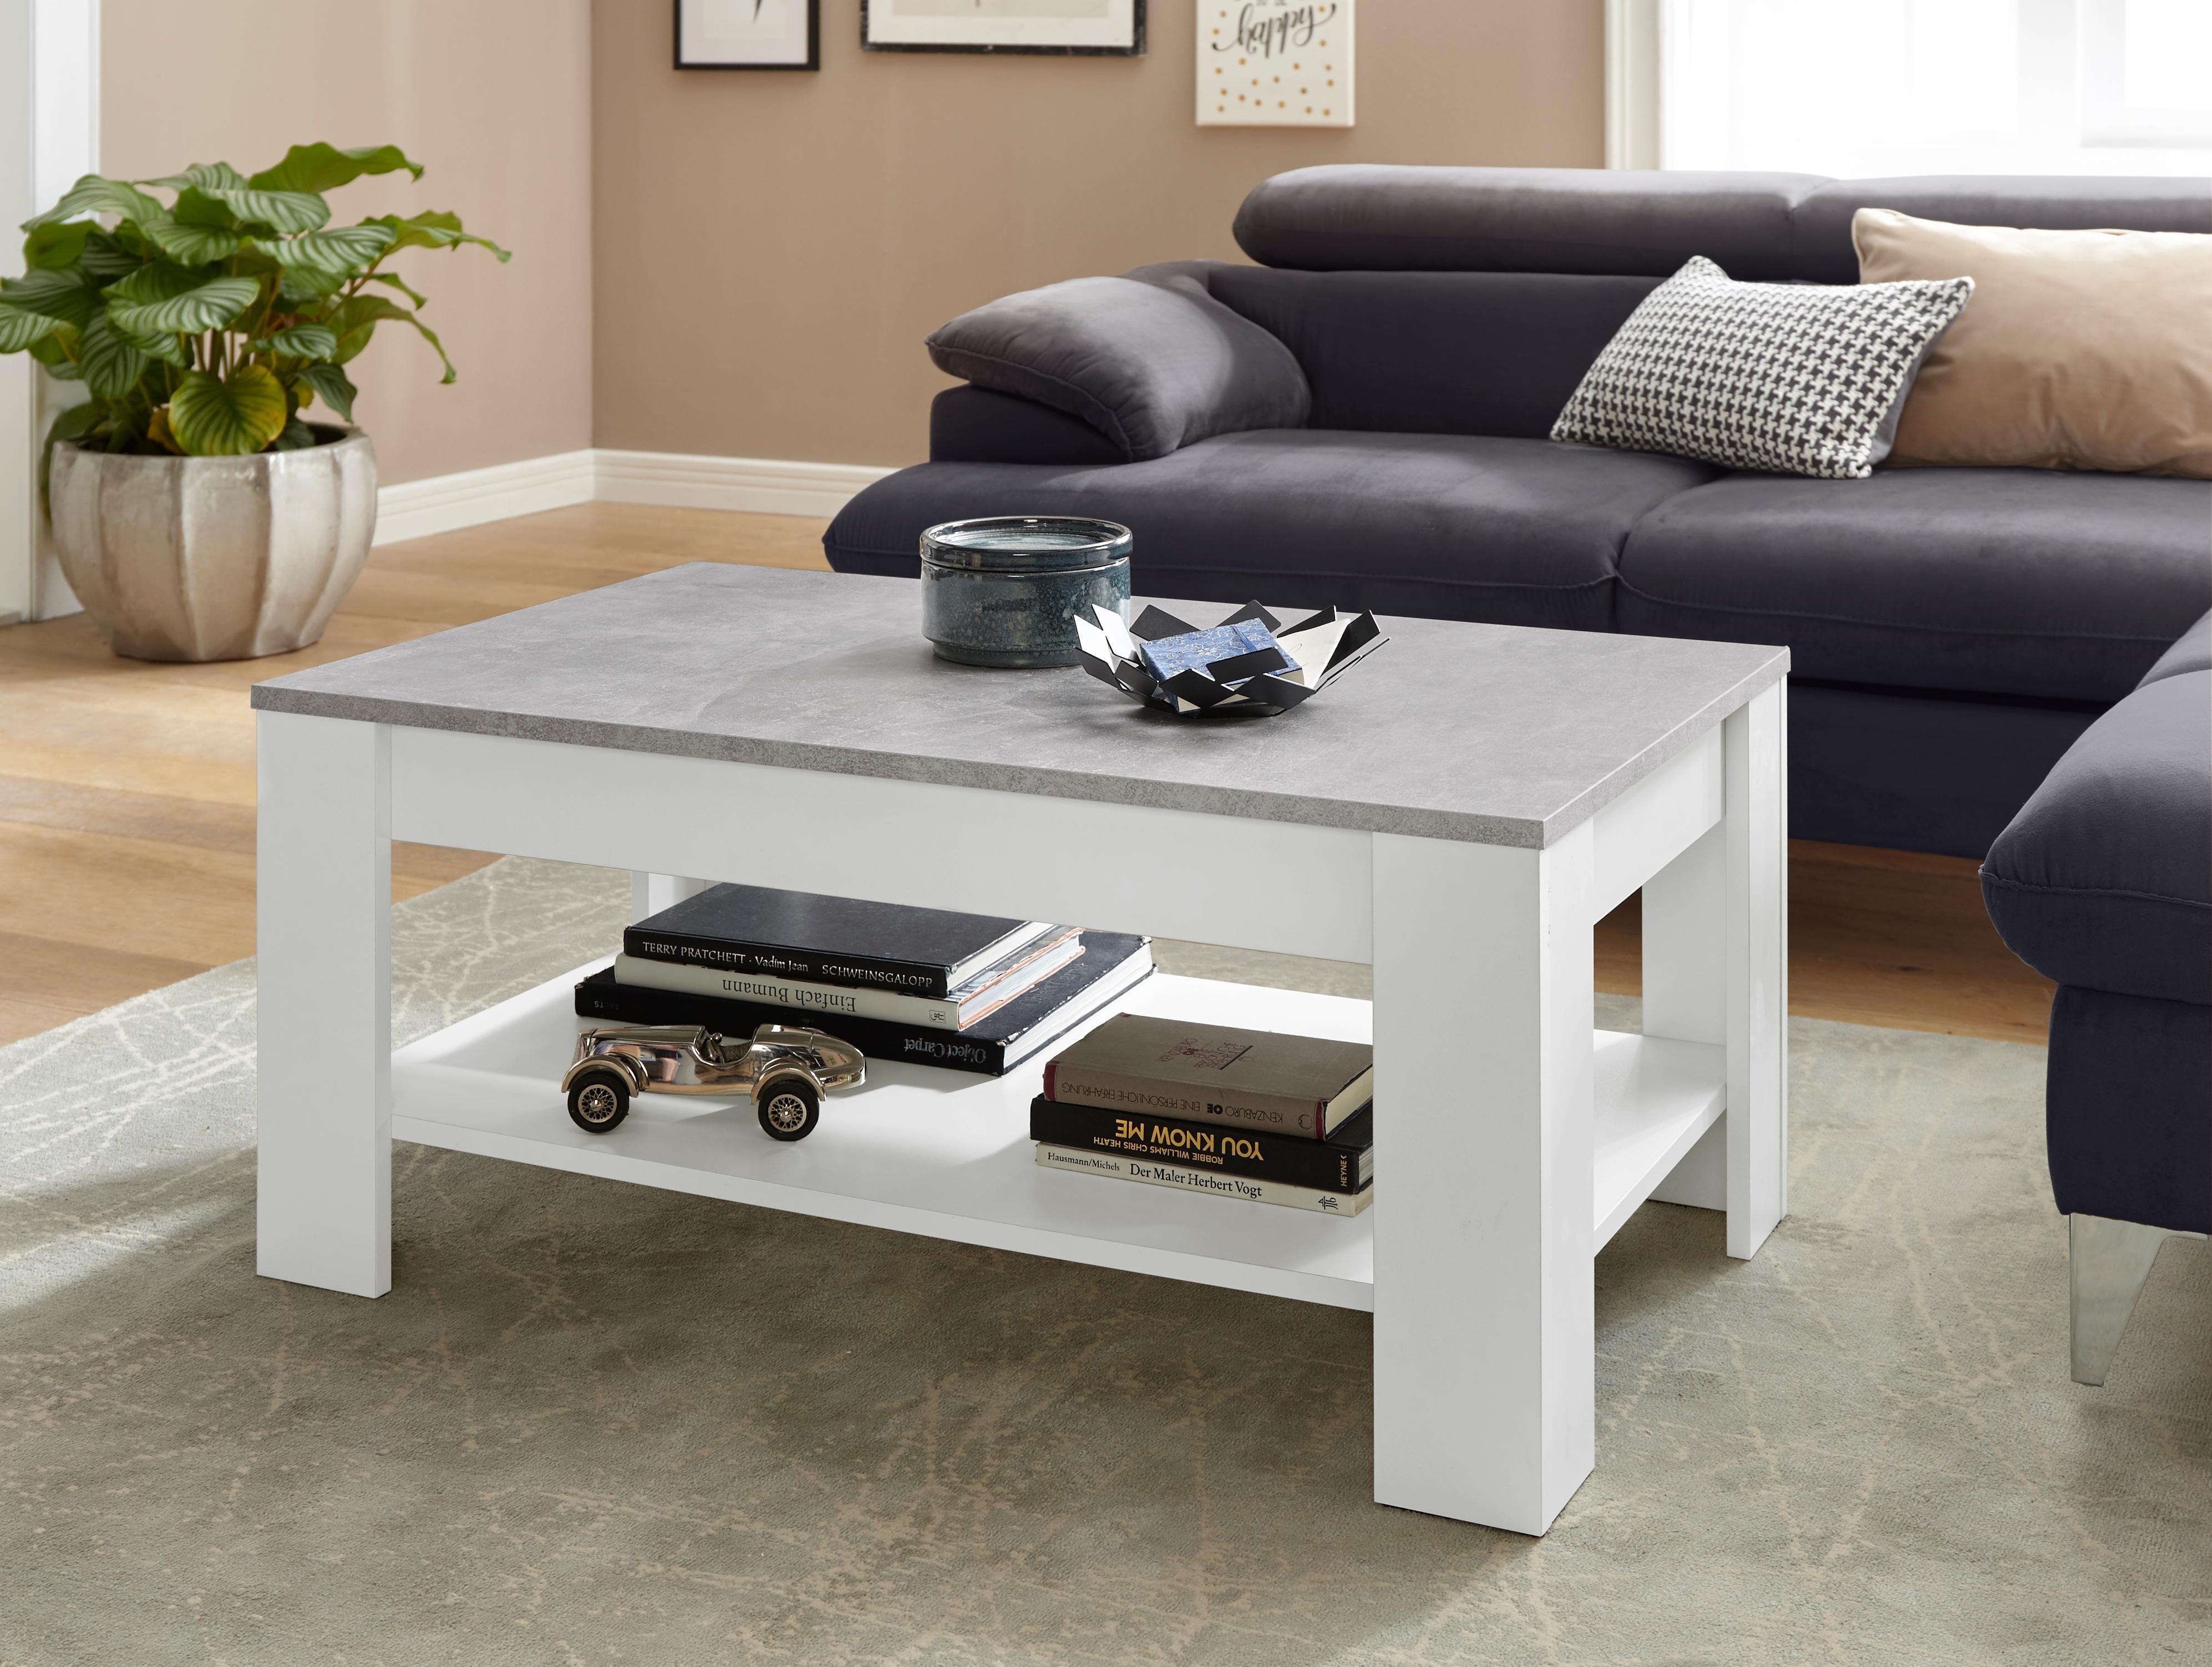 Homexperts salontafel Zabona met plank nu online bestellen